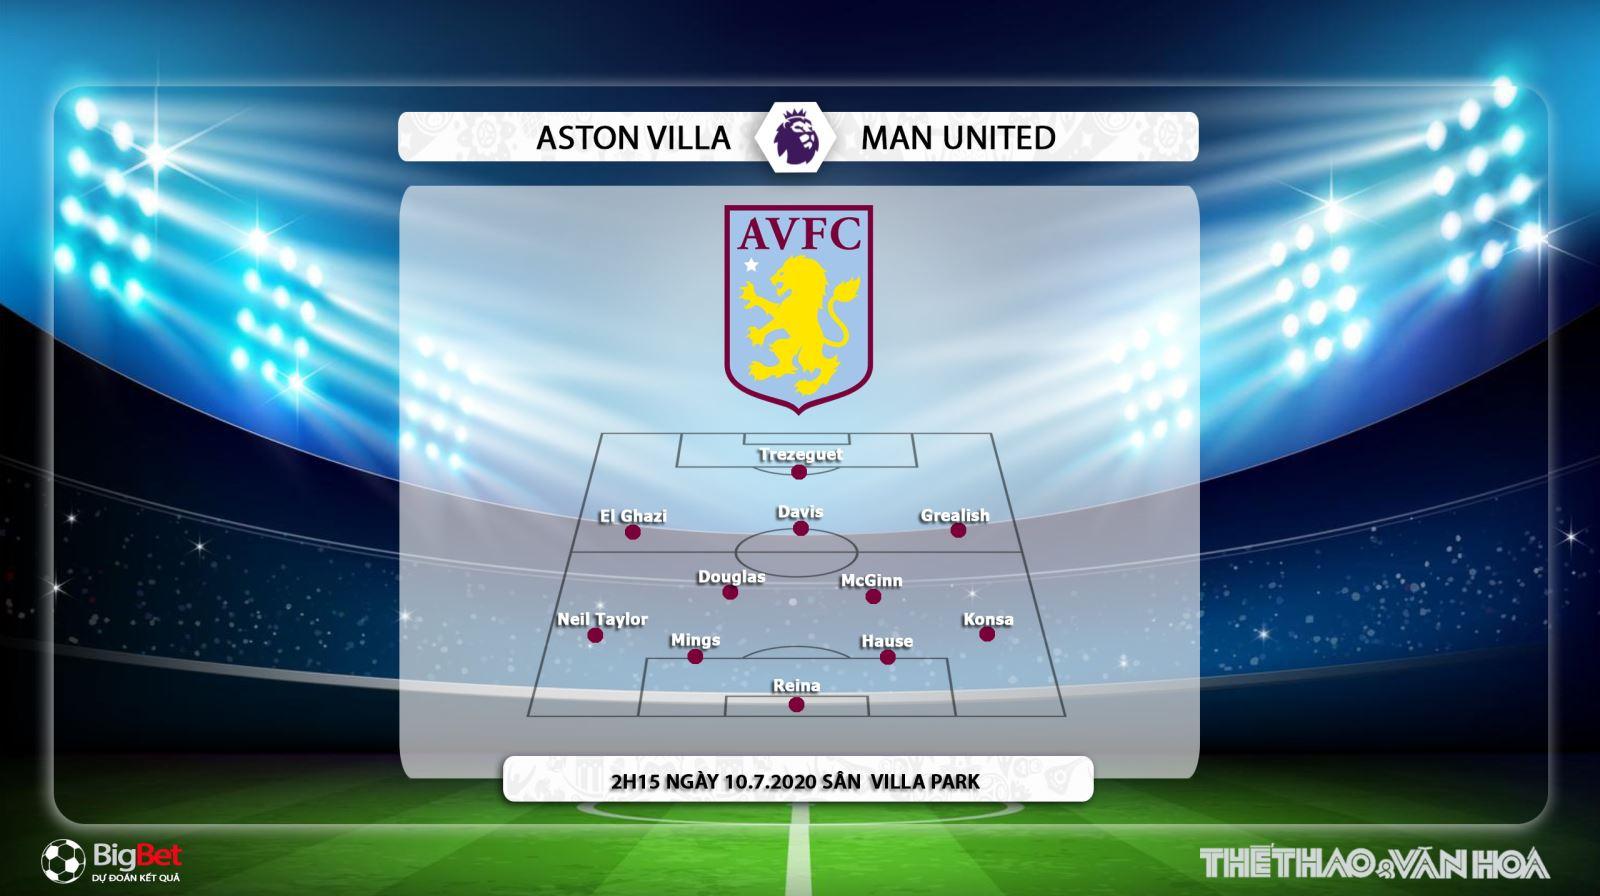 MU, mu, manchester united, Aston Villa vs MU, bóng đá, bong da, trực tiếp Aston Villa vs MU, lịch thi đấu, soi kèo, kèo bóng đá, bóng đá anh